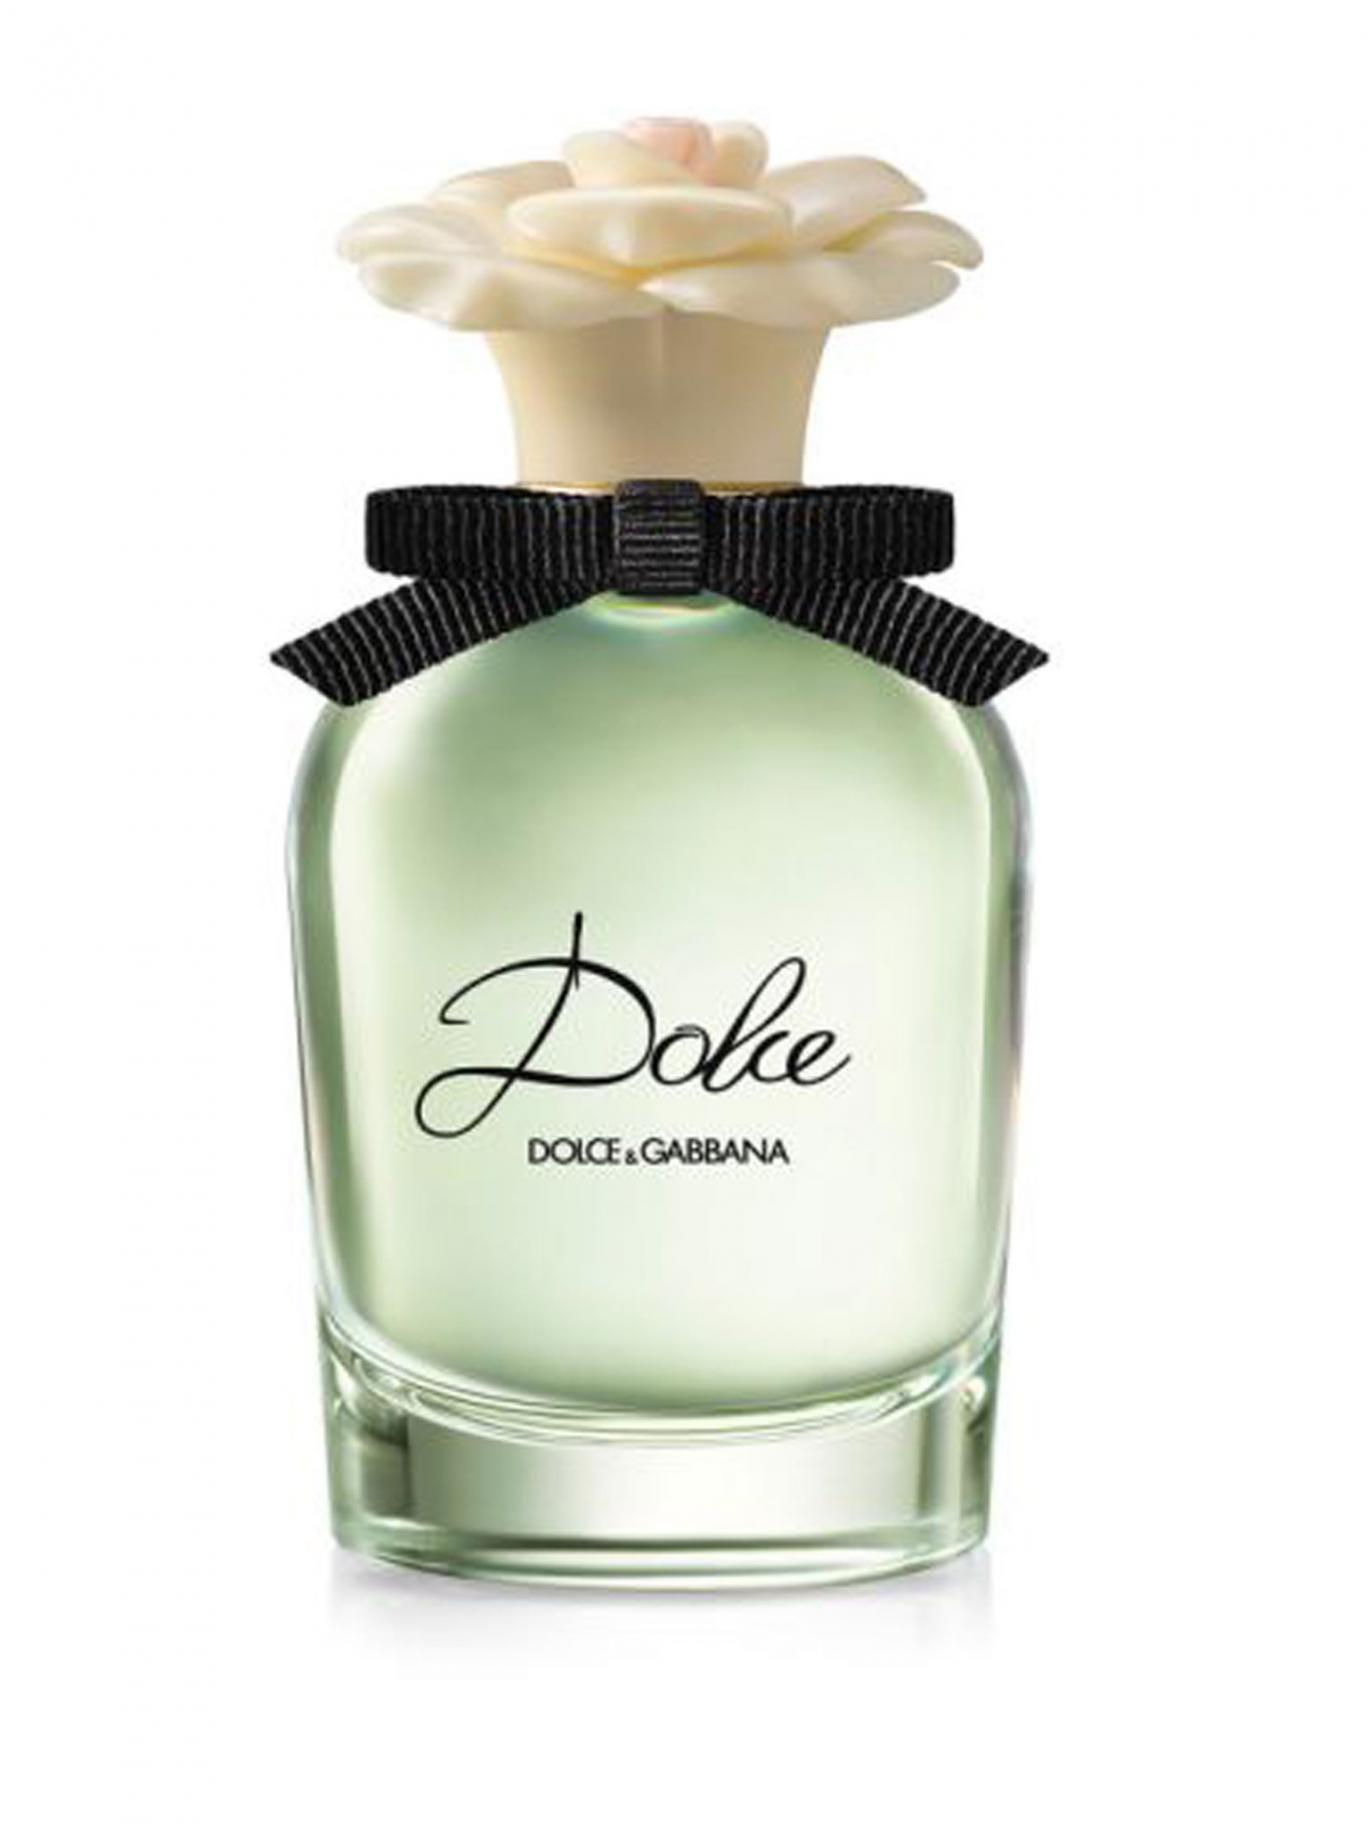 Dolce EDP £62 for 50ml, Dolce & Gabbana, harrods.com